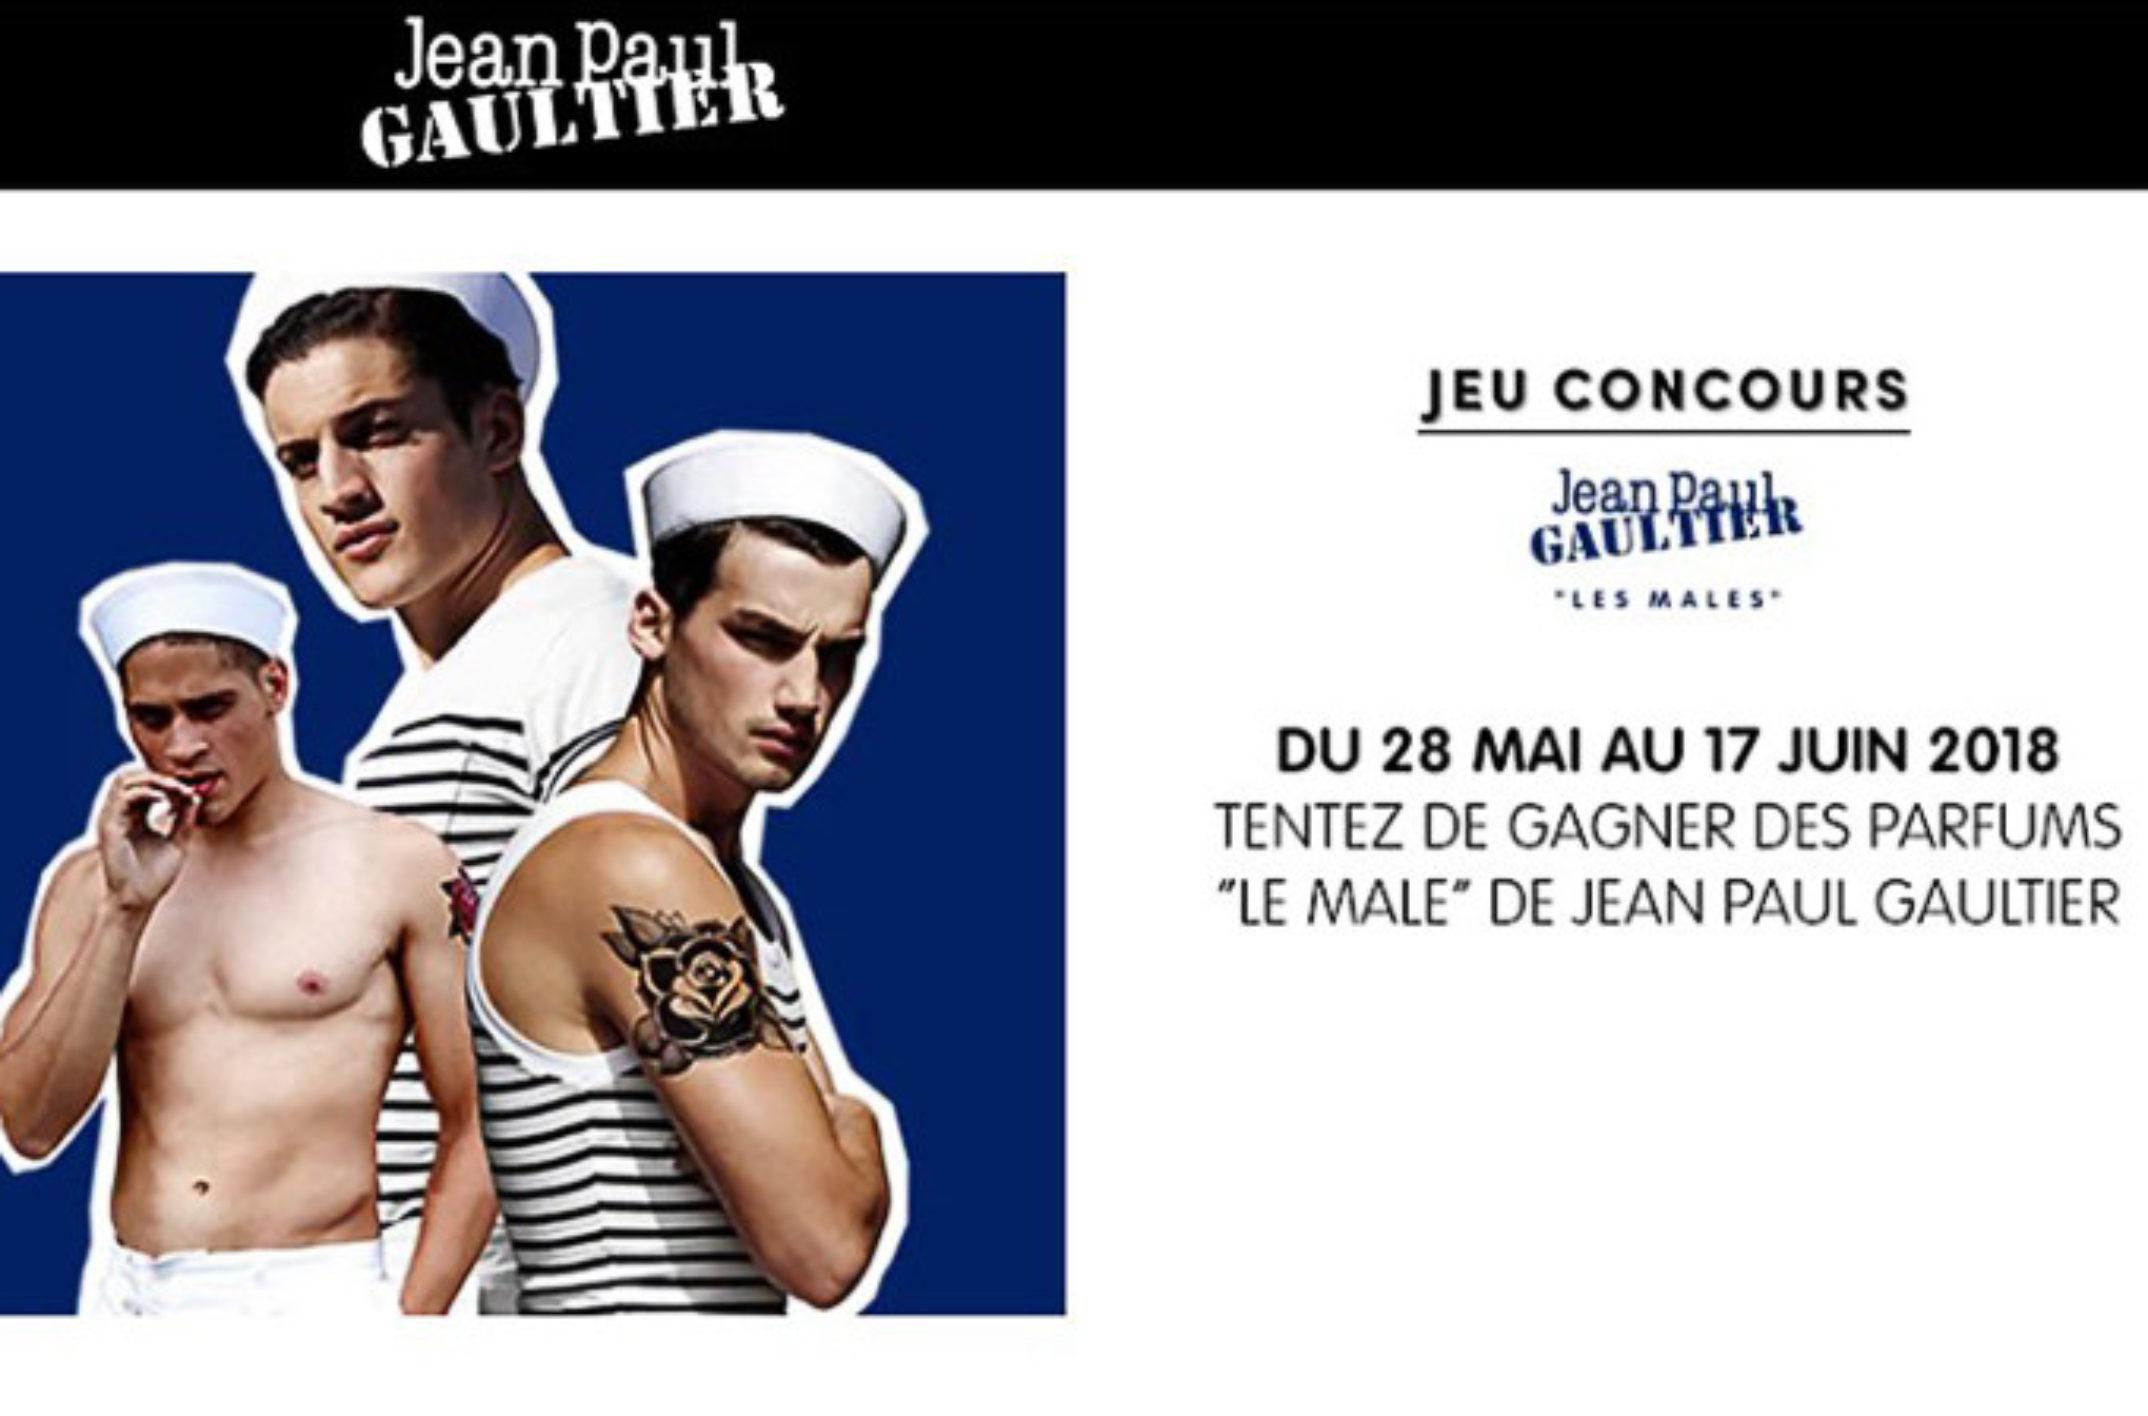 21 packs de parfums «Le Male» de Jean Paul Gaultier à gagner